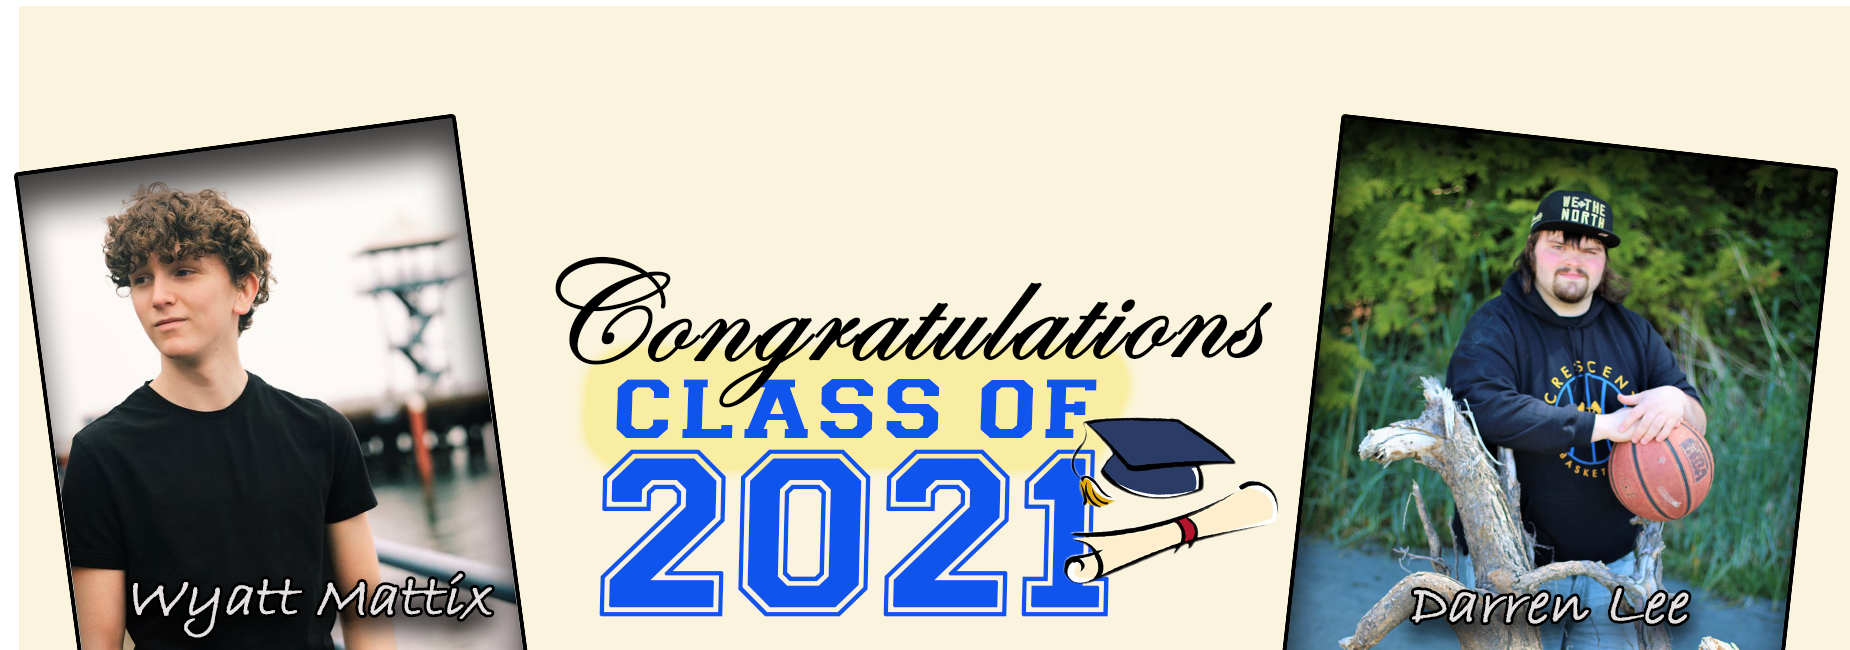 Class of 2021: W.Mattix and D.Lee